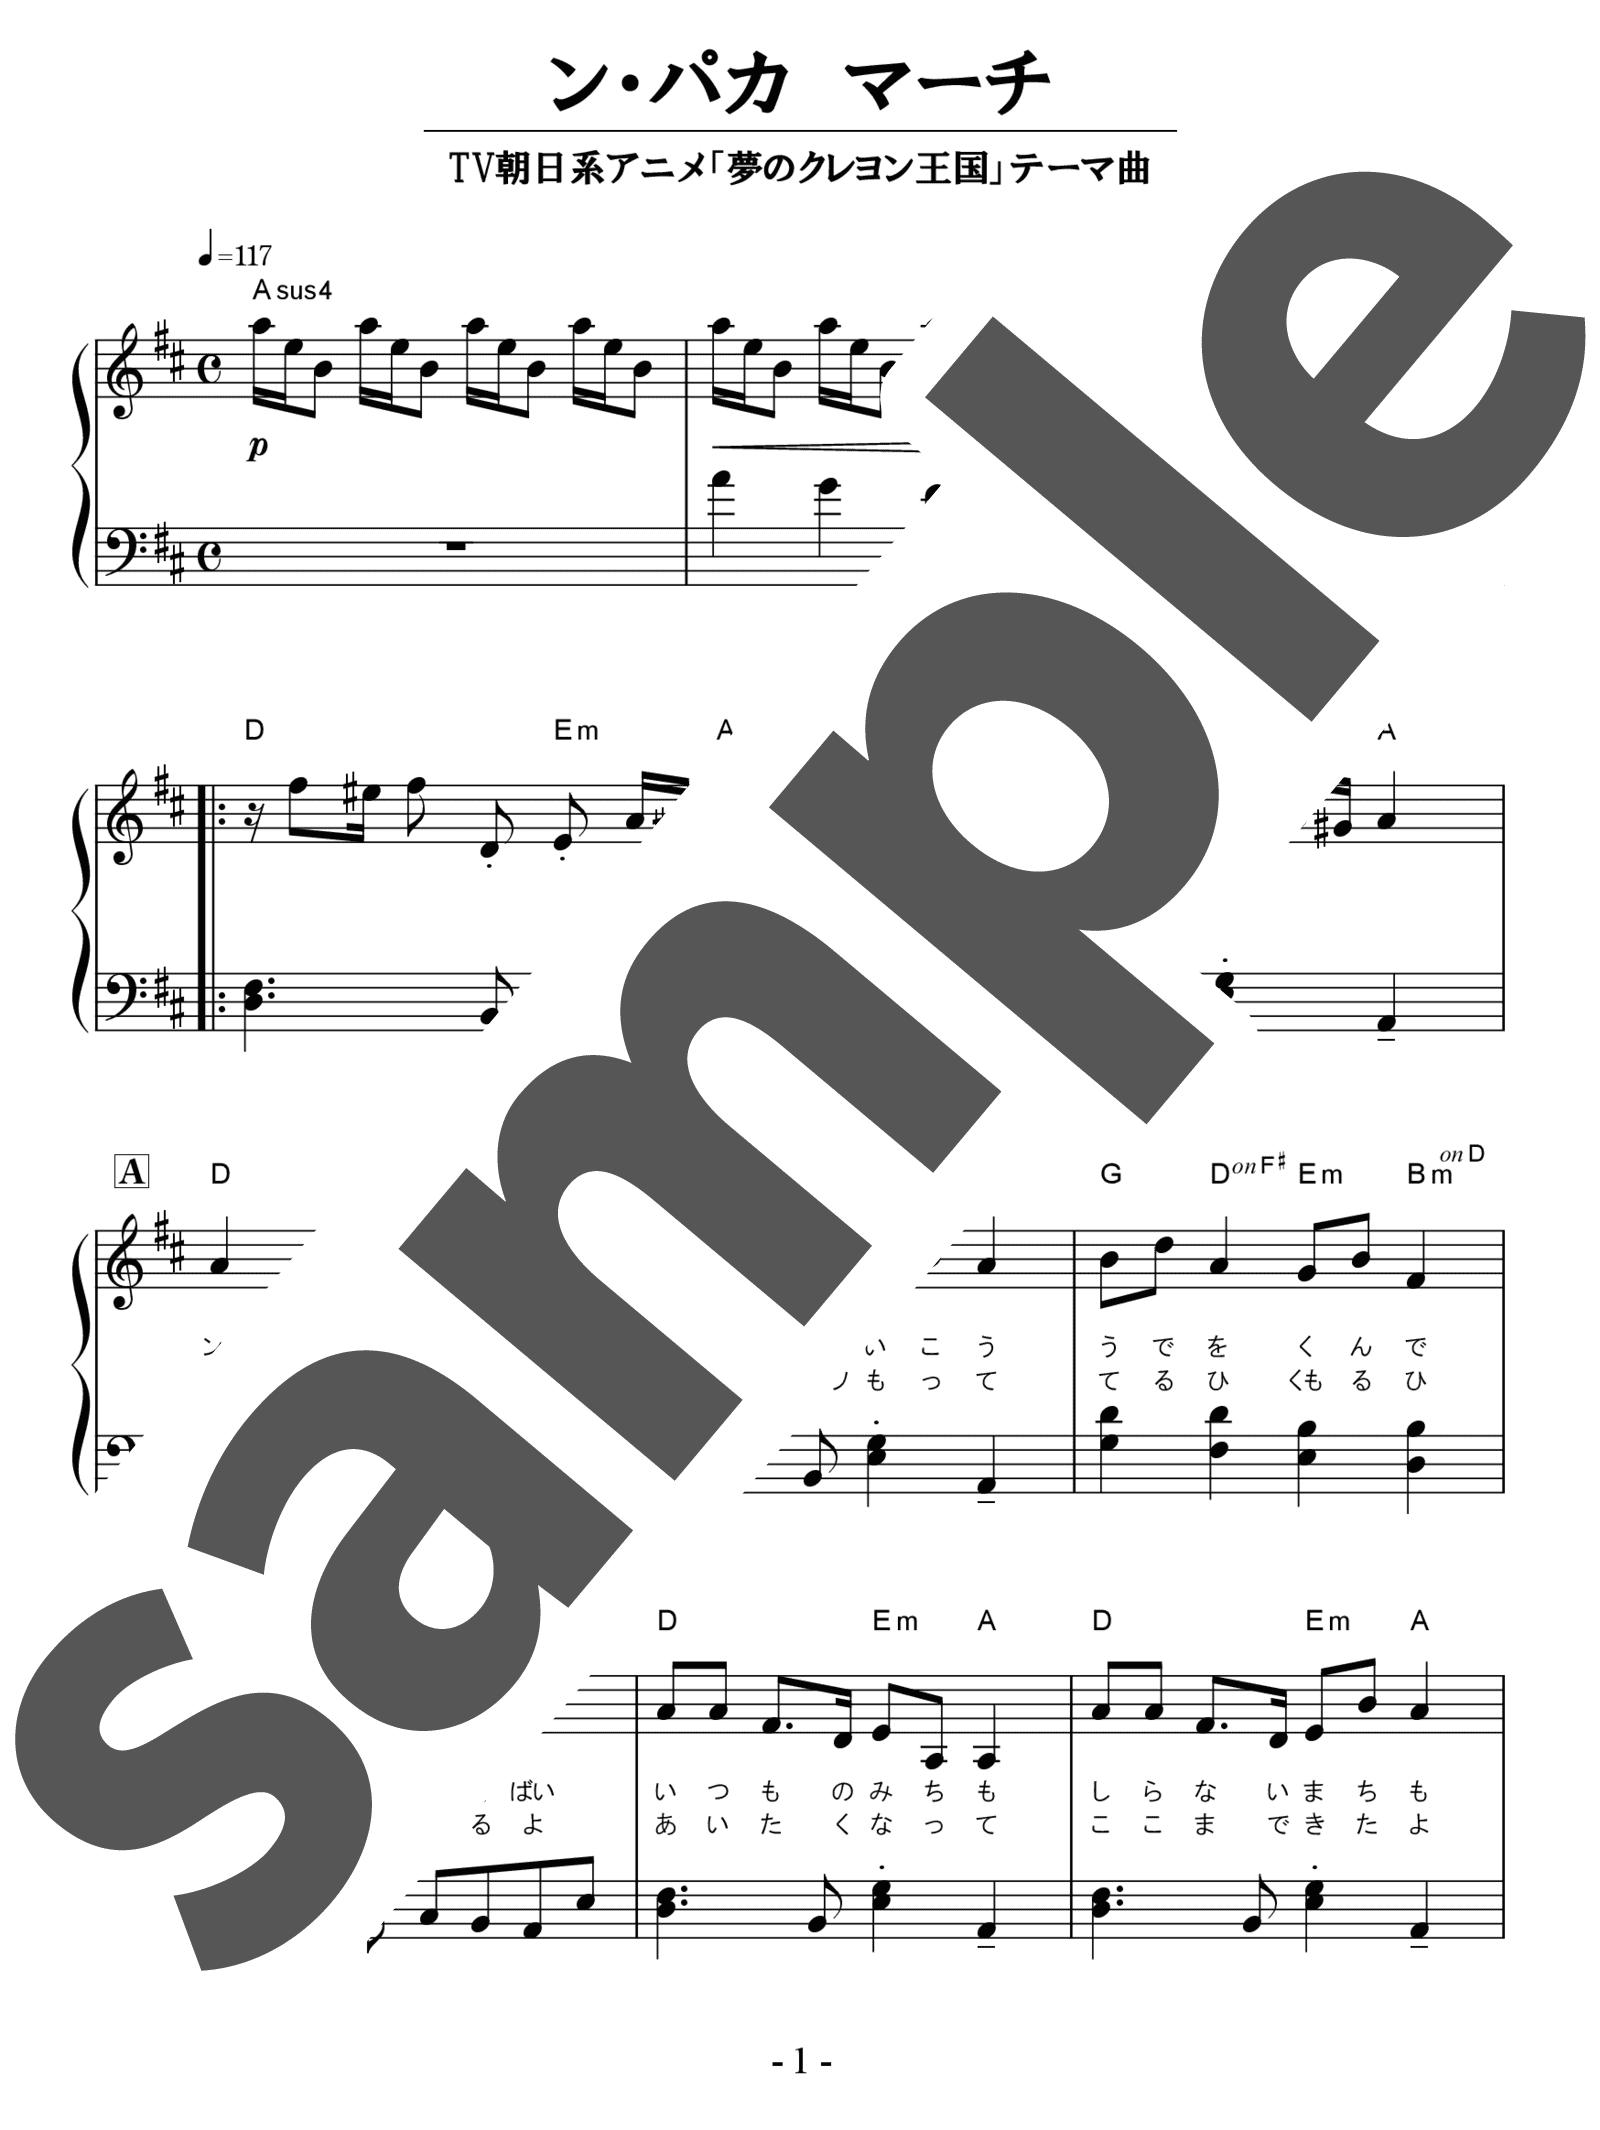 「ン・パカマーチ」のサンプル楽譜